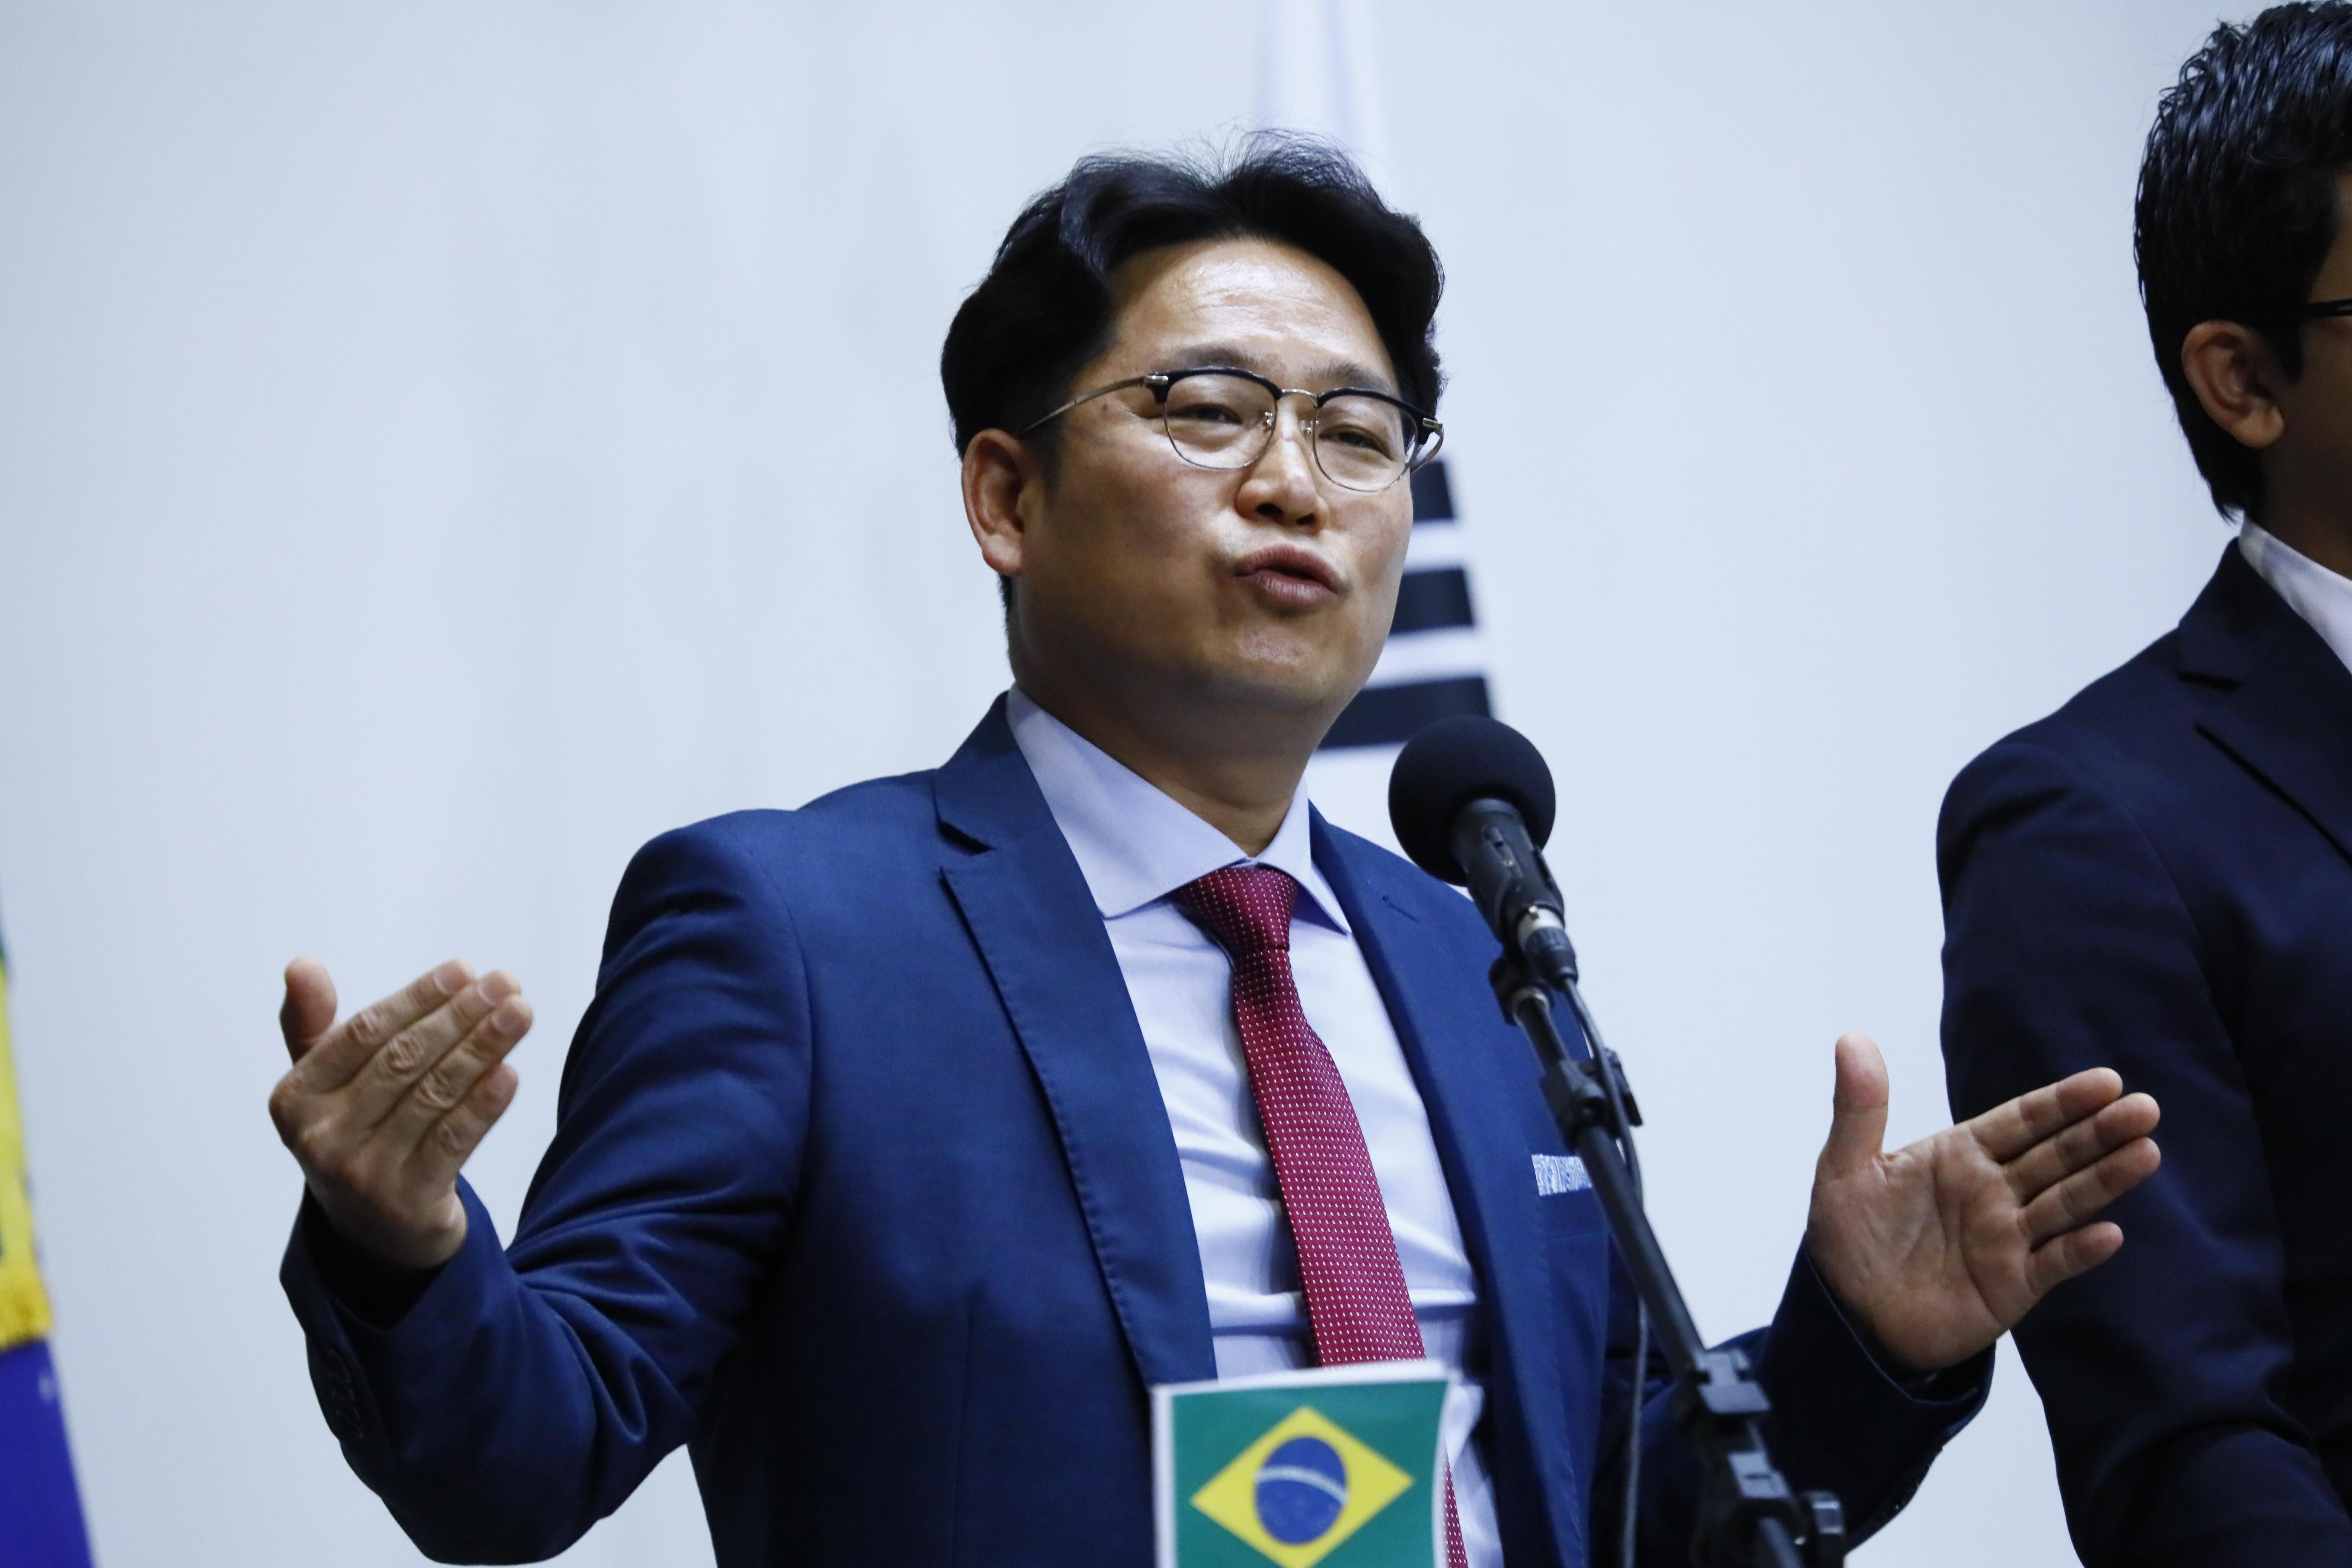 Seminário A Contribuição dos Esportes para Paz Mundial. Dr. Kwun In Soung embaixador  do Festival de Artes Marciais